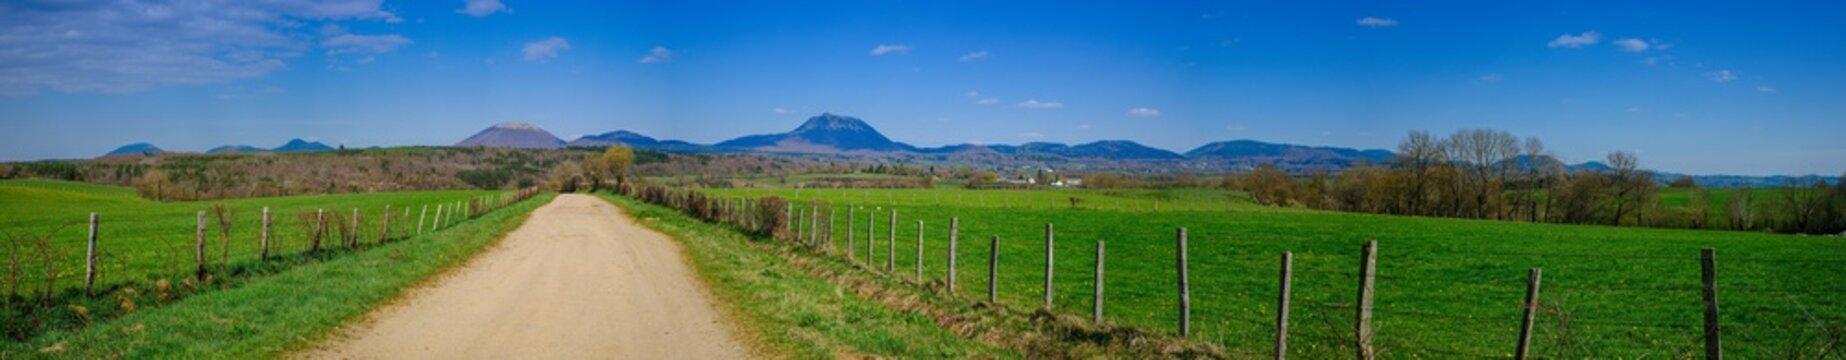 vue panoramique de la chaîne des puys en Auvergne, Puy de Dôme